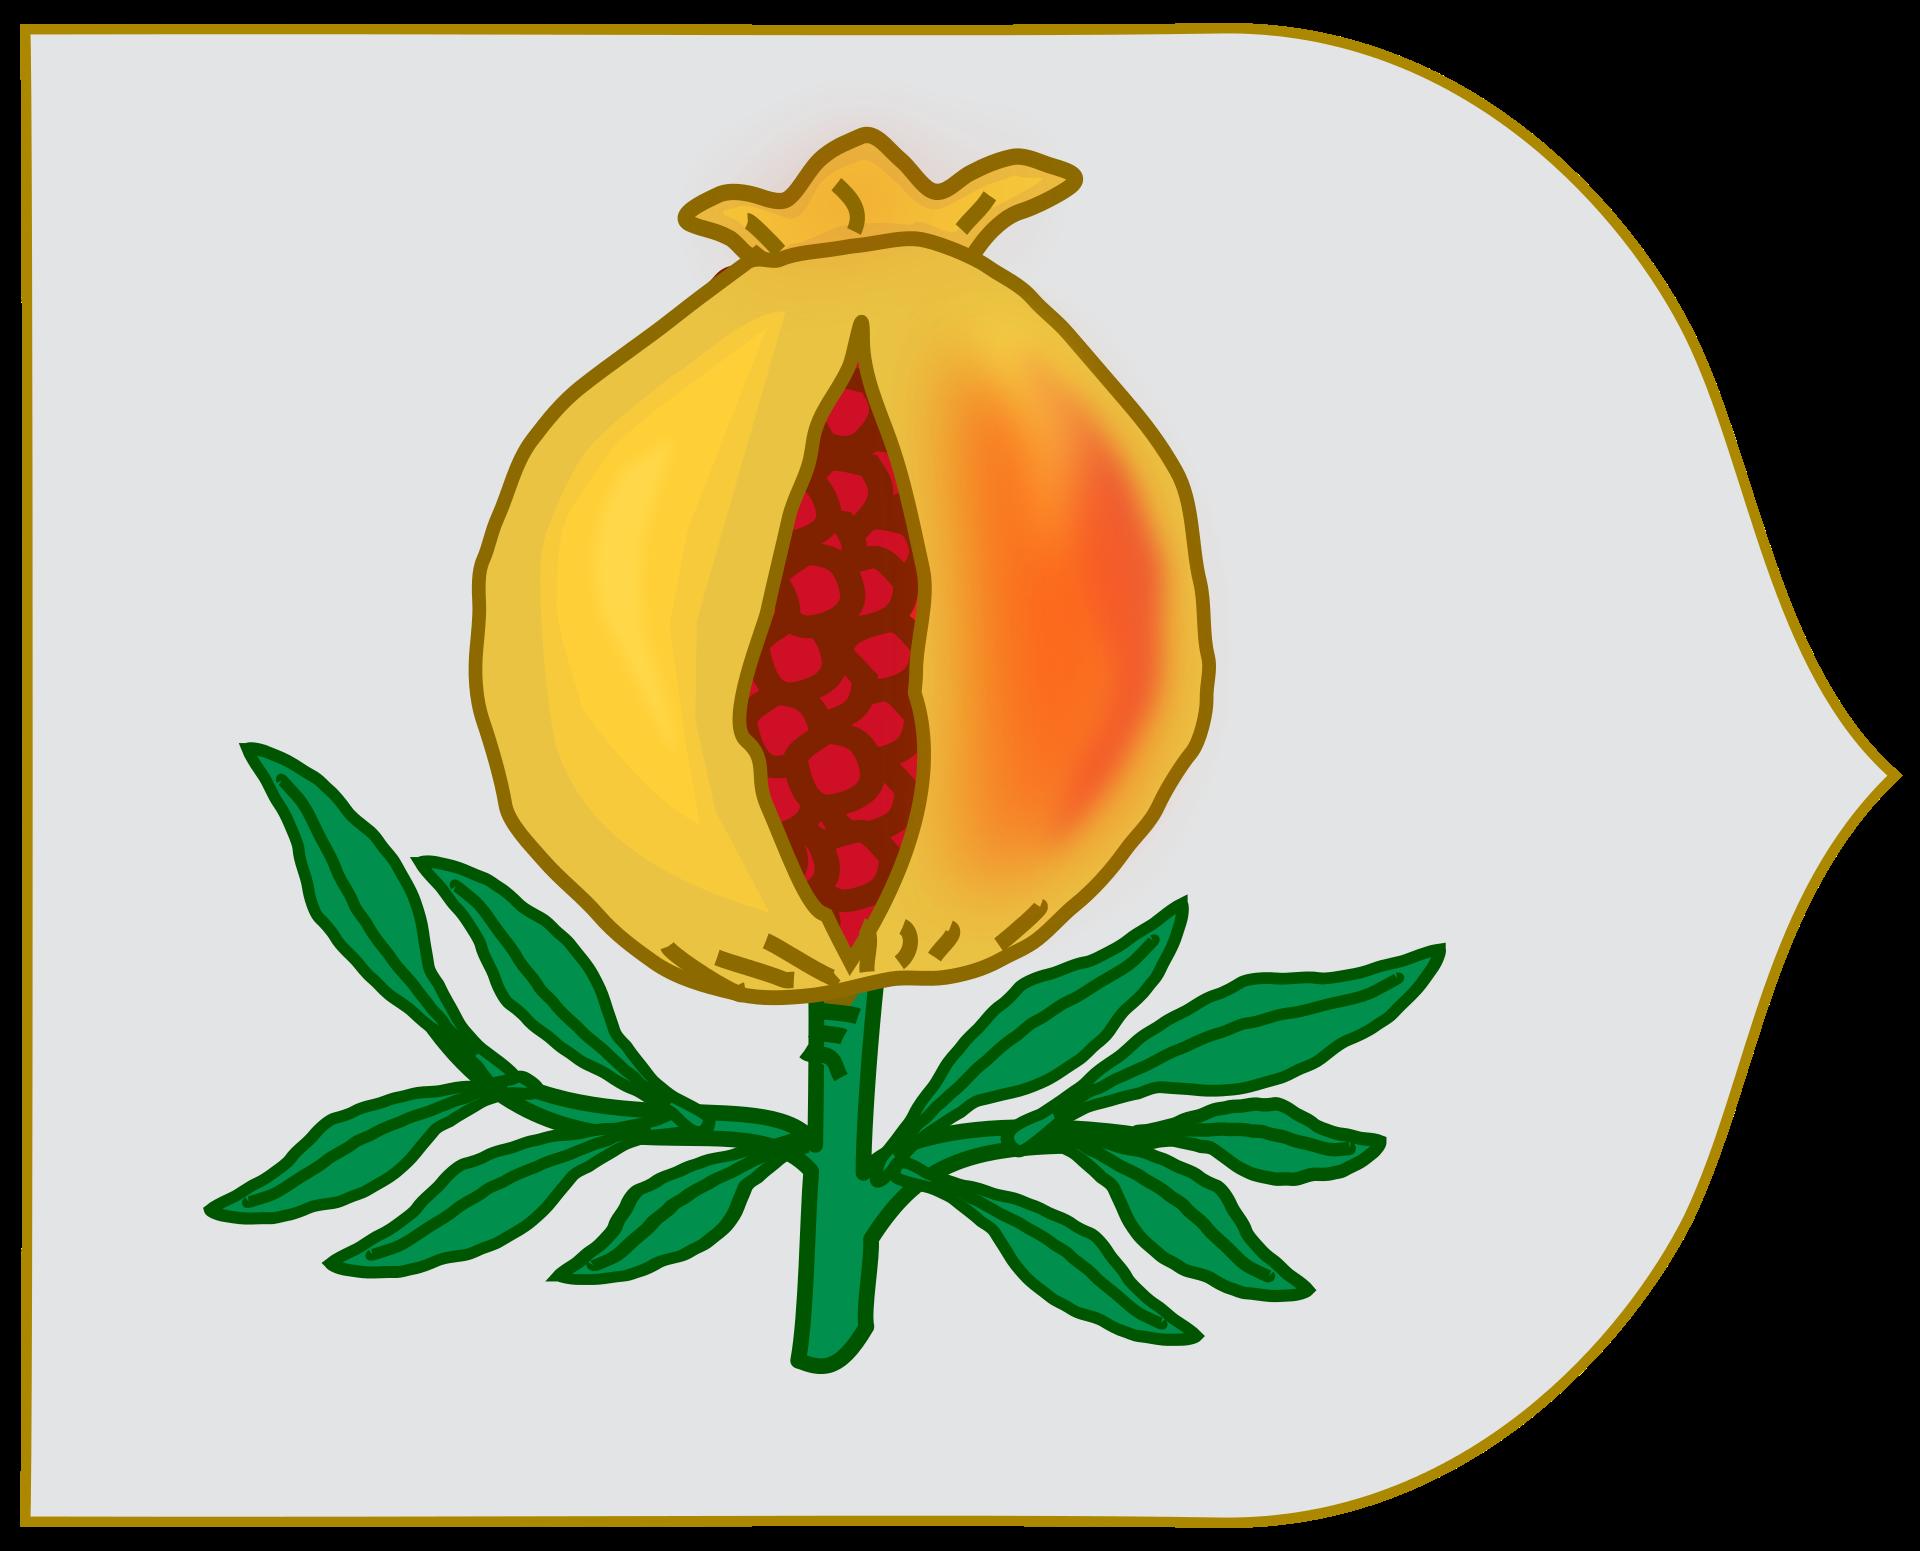 Königreich Granada (Krone Kastilien).